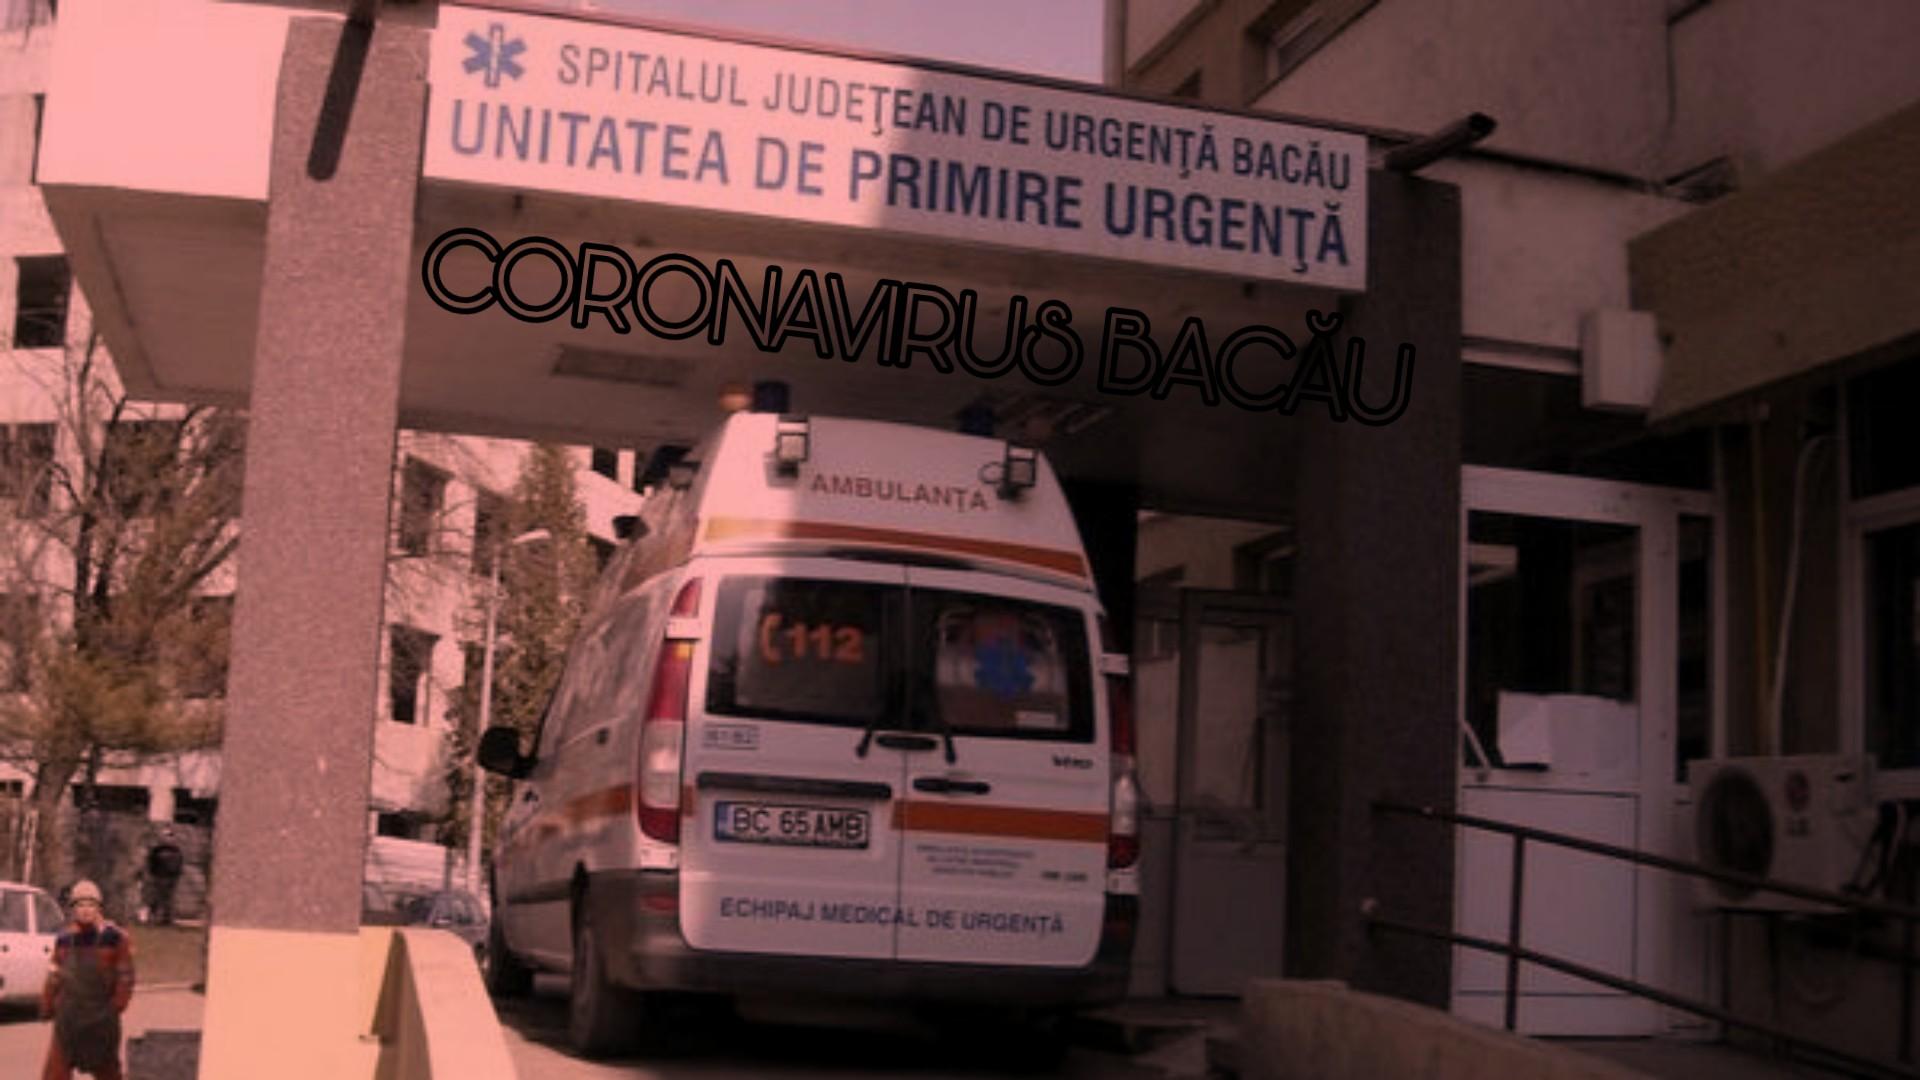 Primele informații oficiale: 19 băcăuani au fost confirmați cu coronavirus, 4 dintre aceștia fiind declarați decedați